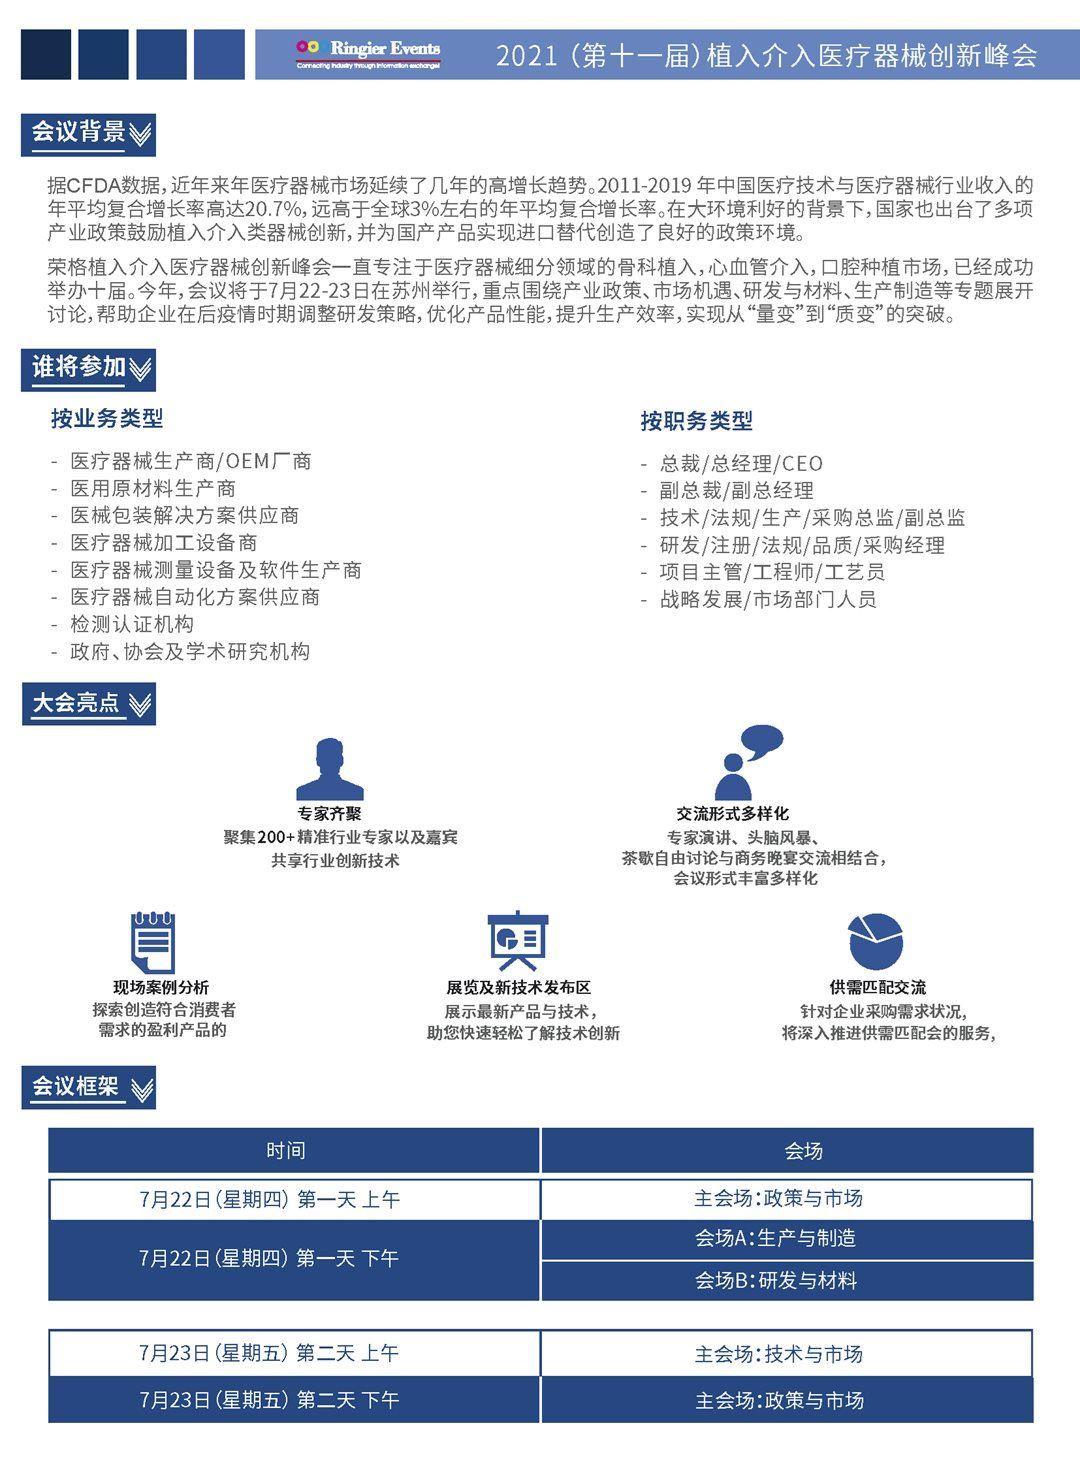 苏州医疗 1.21 活动行_页面_2.png